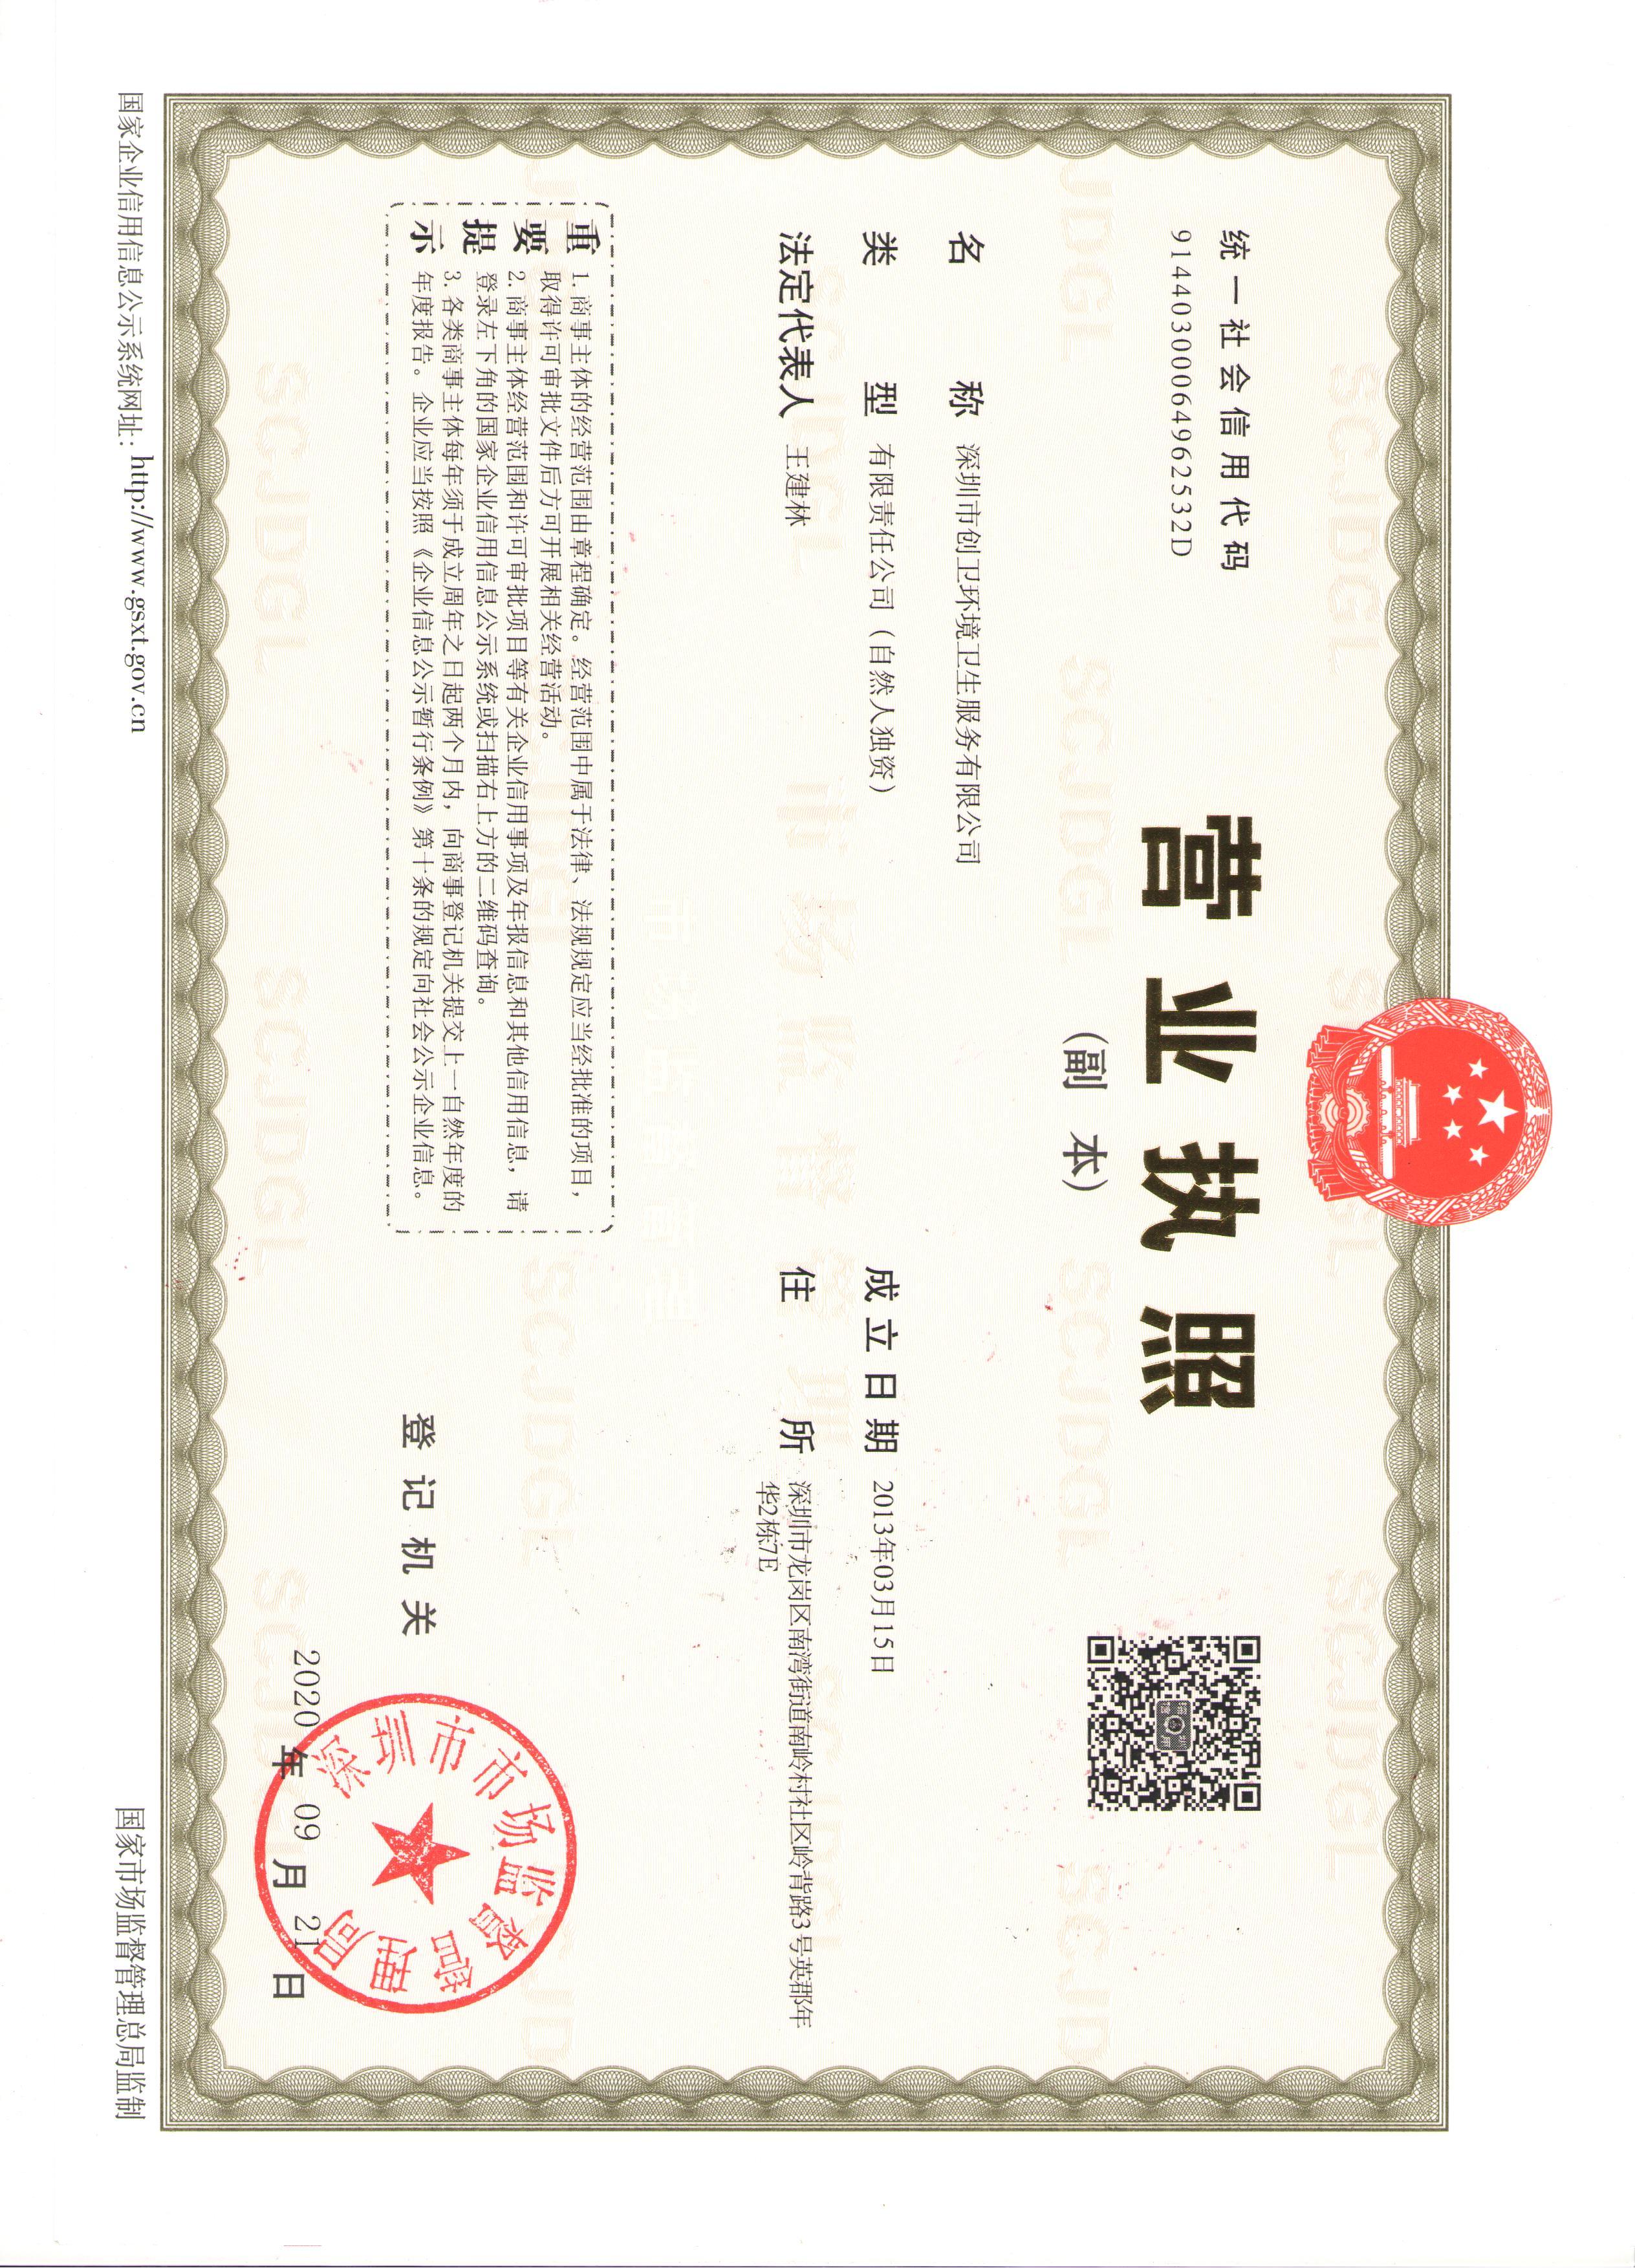 深圳消杀公司切实落实《广东省病媒生物预防控制管理规定》